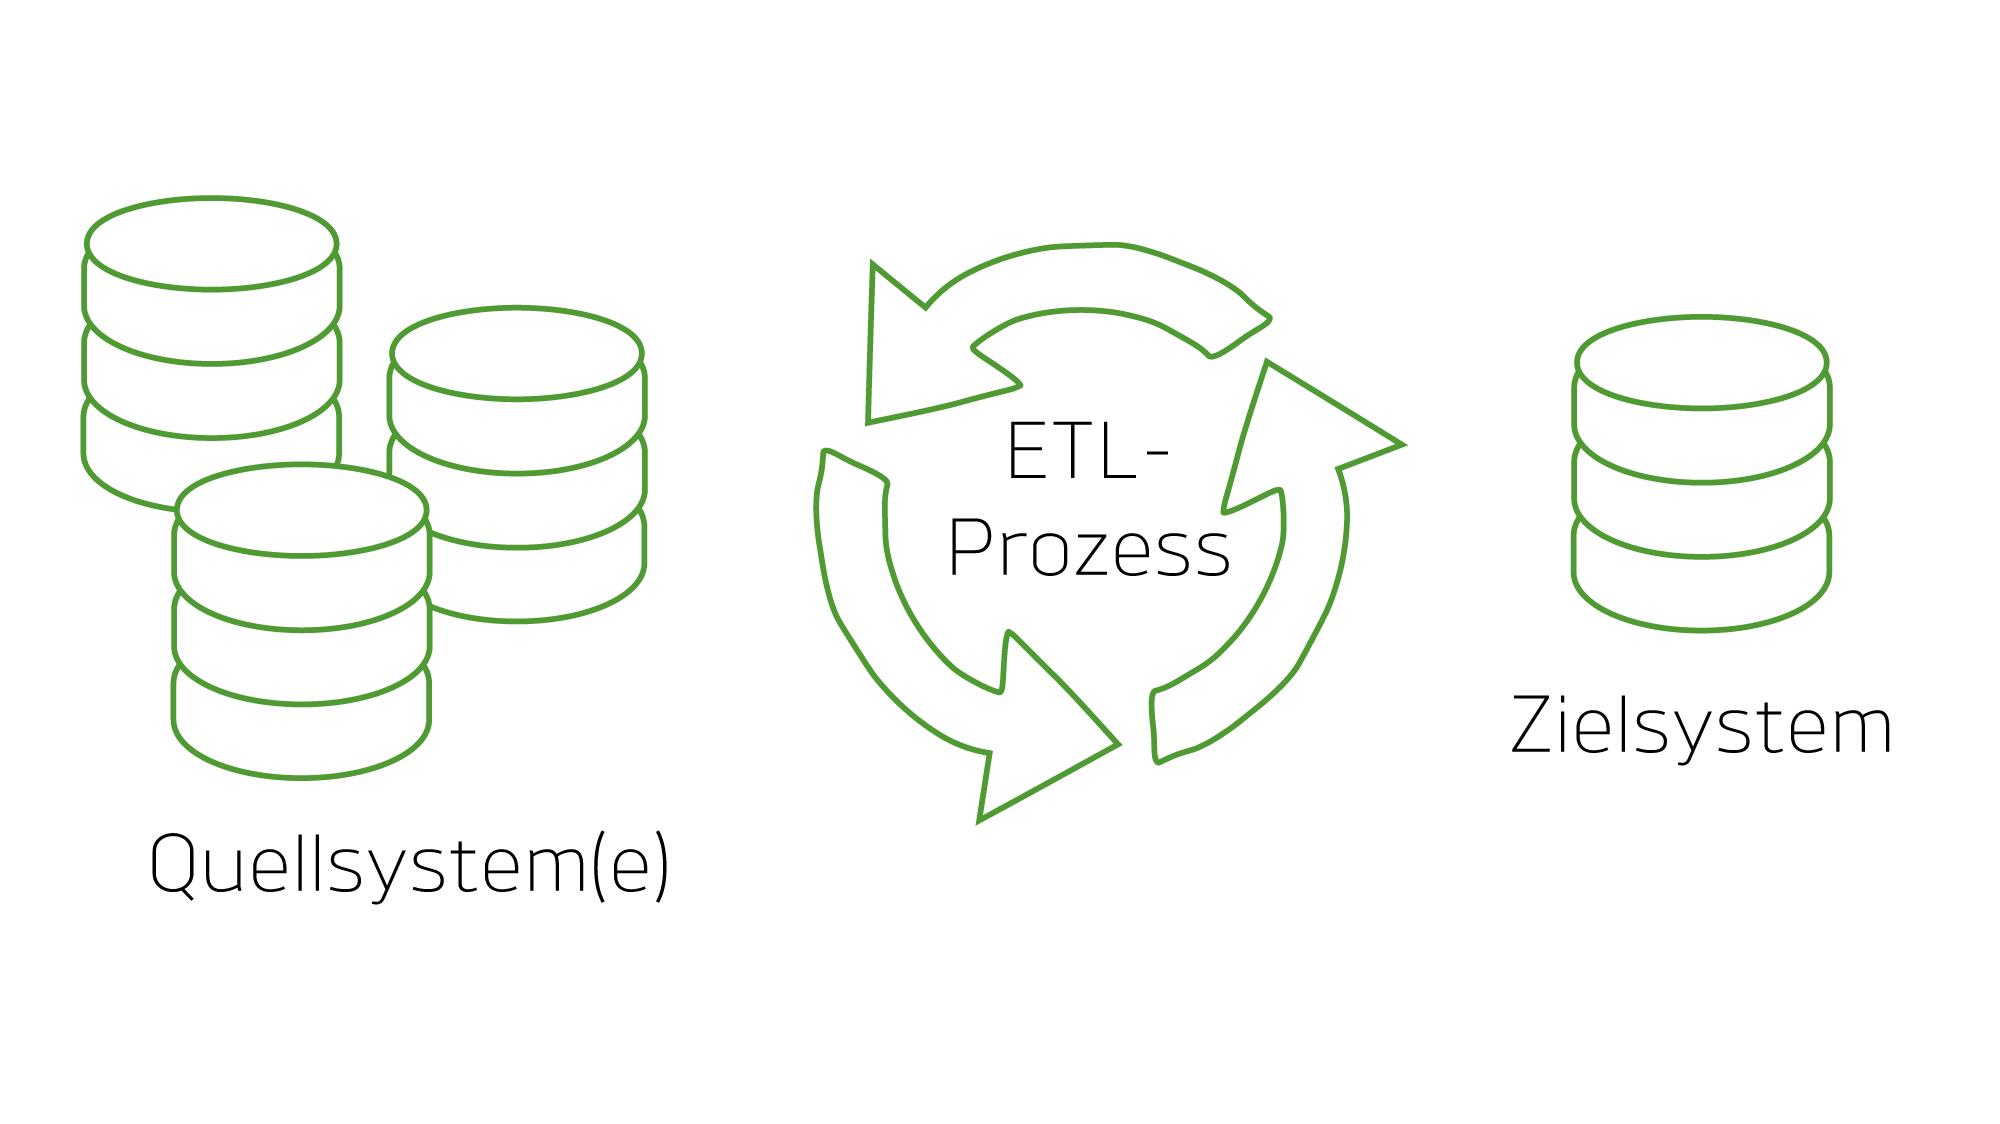 Der ETL-Prozess (Extract, Transform, Load) wird während der Datenmigration durchlaufen